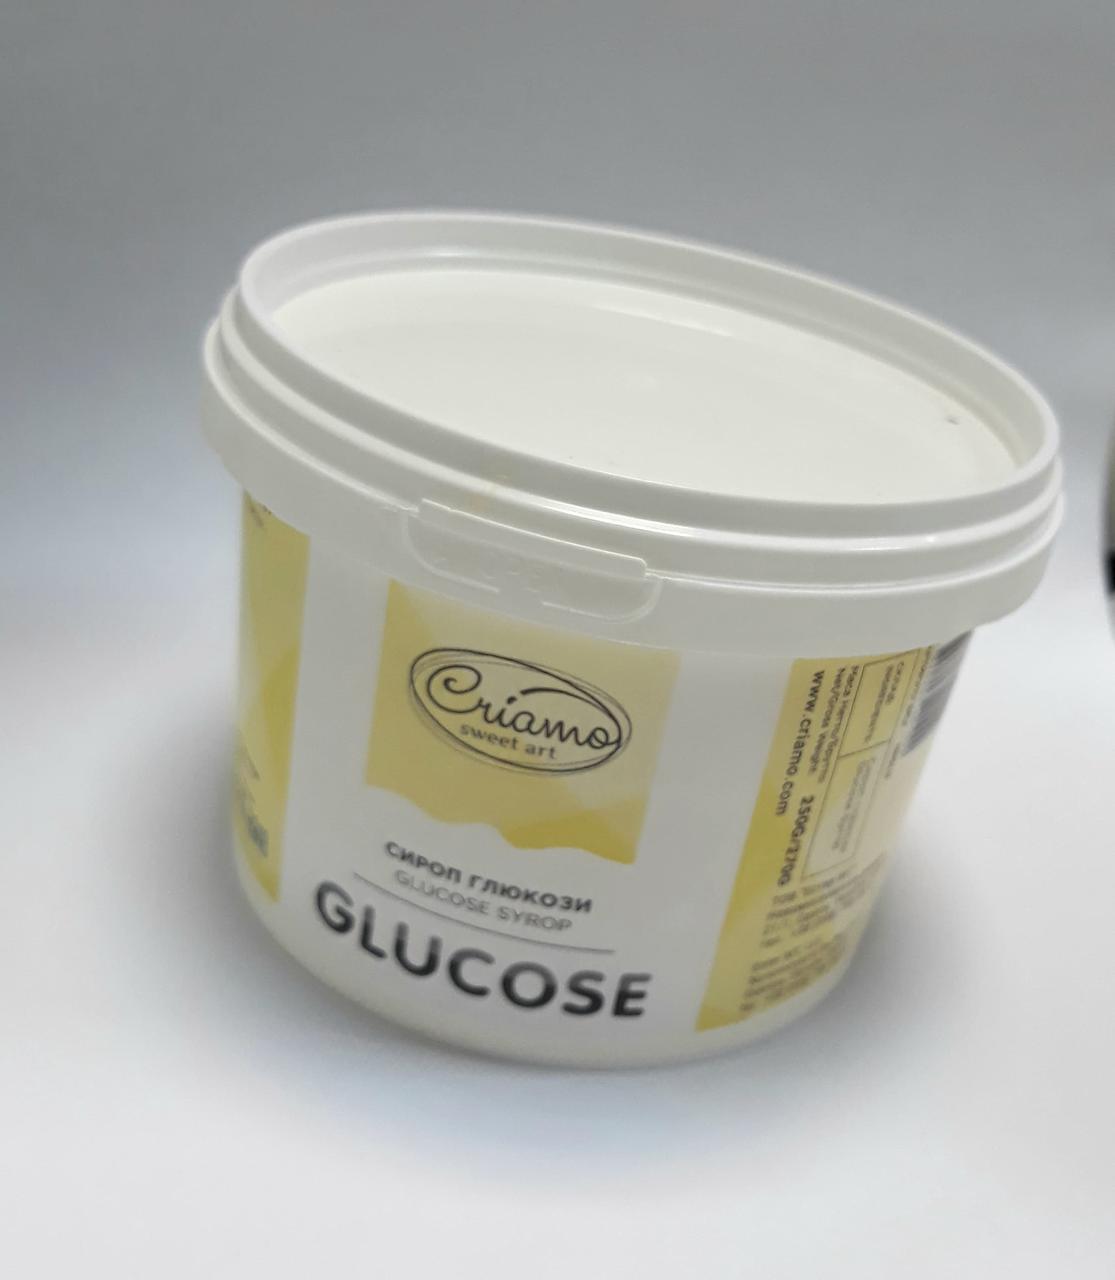 Глюкоза пищевая 250гр Criamo -06237